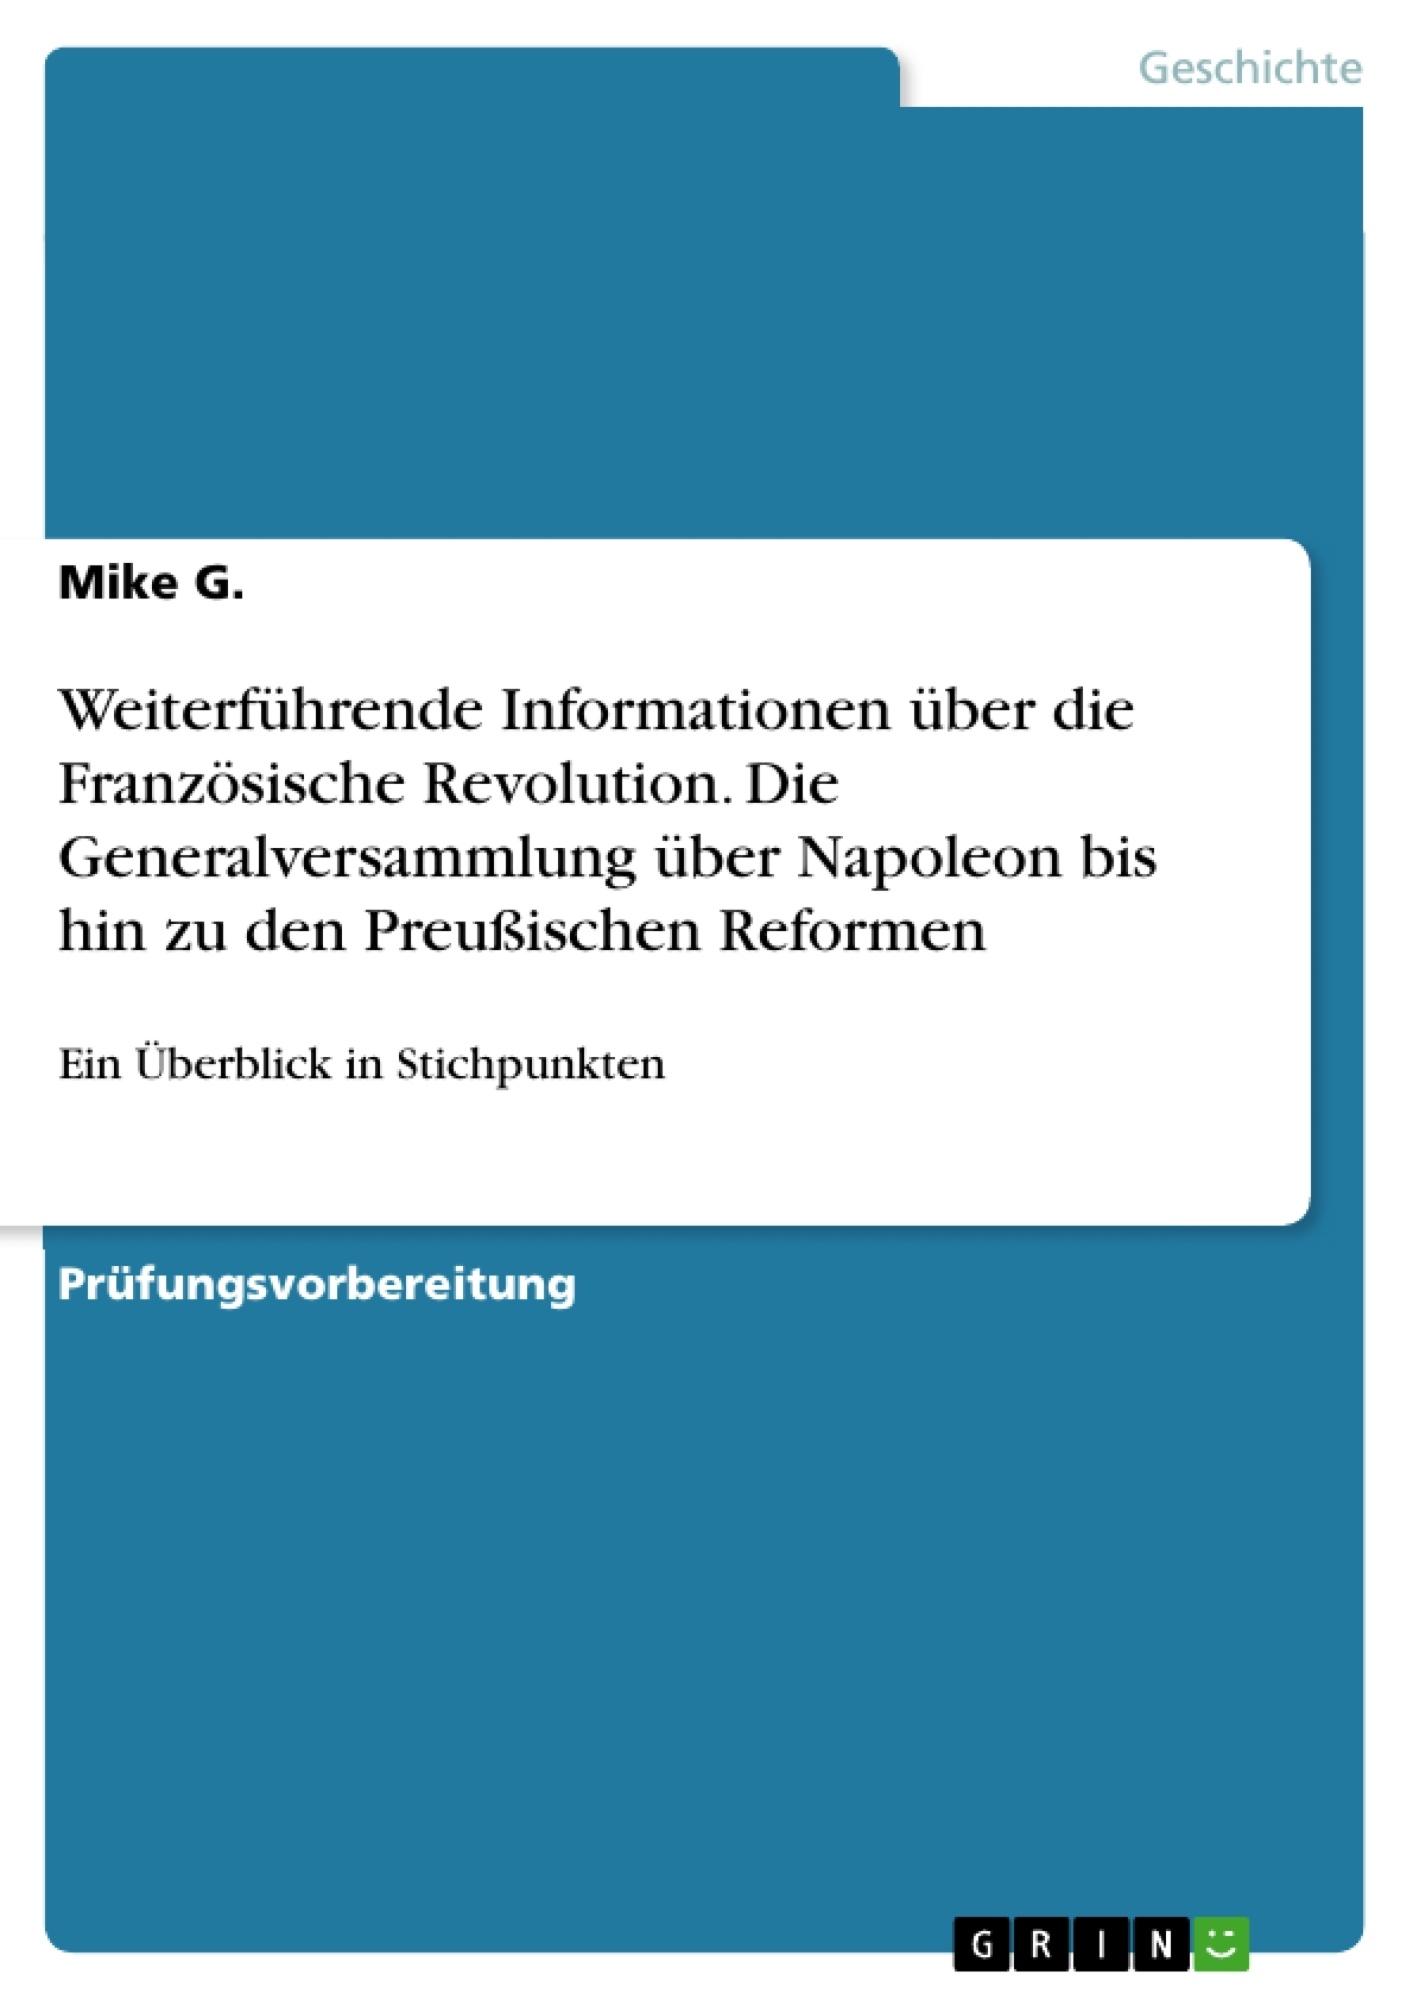 Titel: Weiterführende Informationen über die Französische Revolution. Die Generalversammlung über Napoleon bis hin zu den Preußischen Reformen